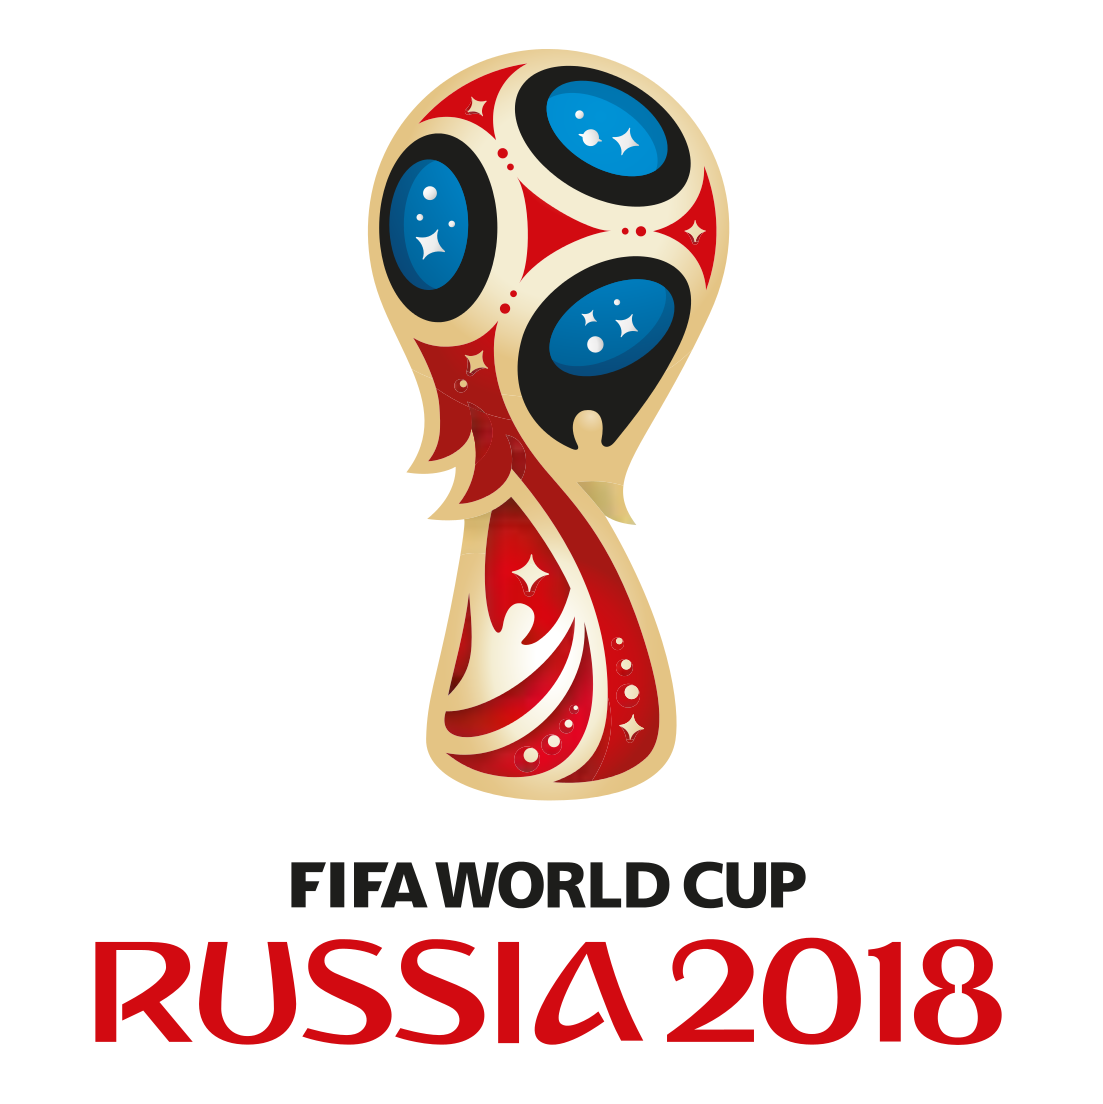 Fixture Excel Mundial Rusia 2018 editable Rusia 2018